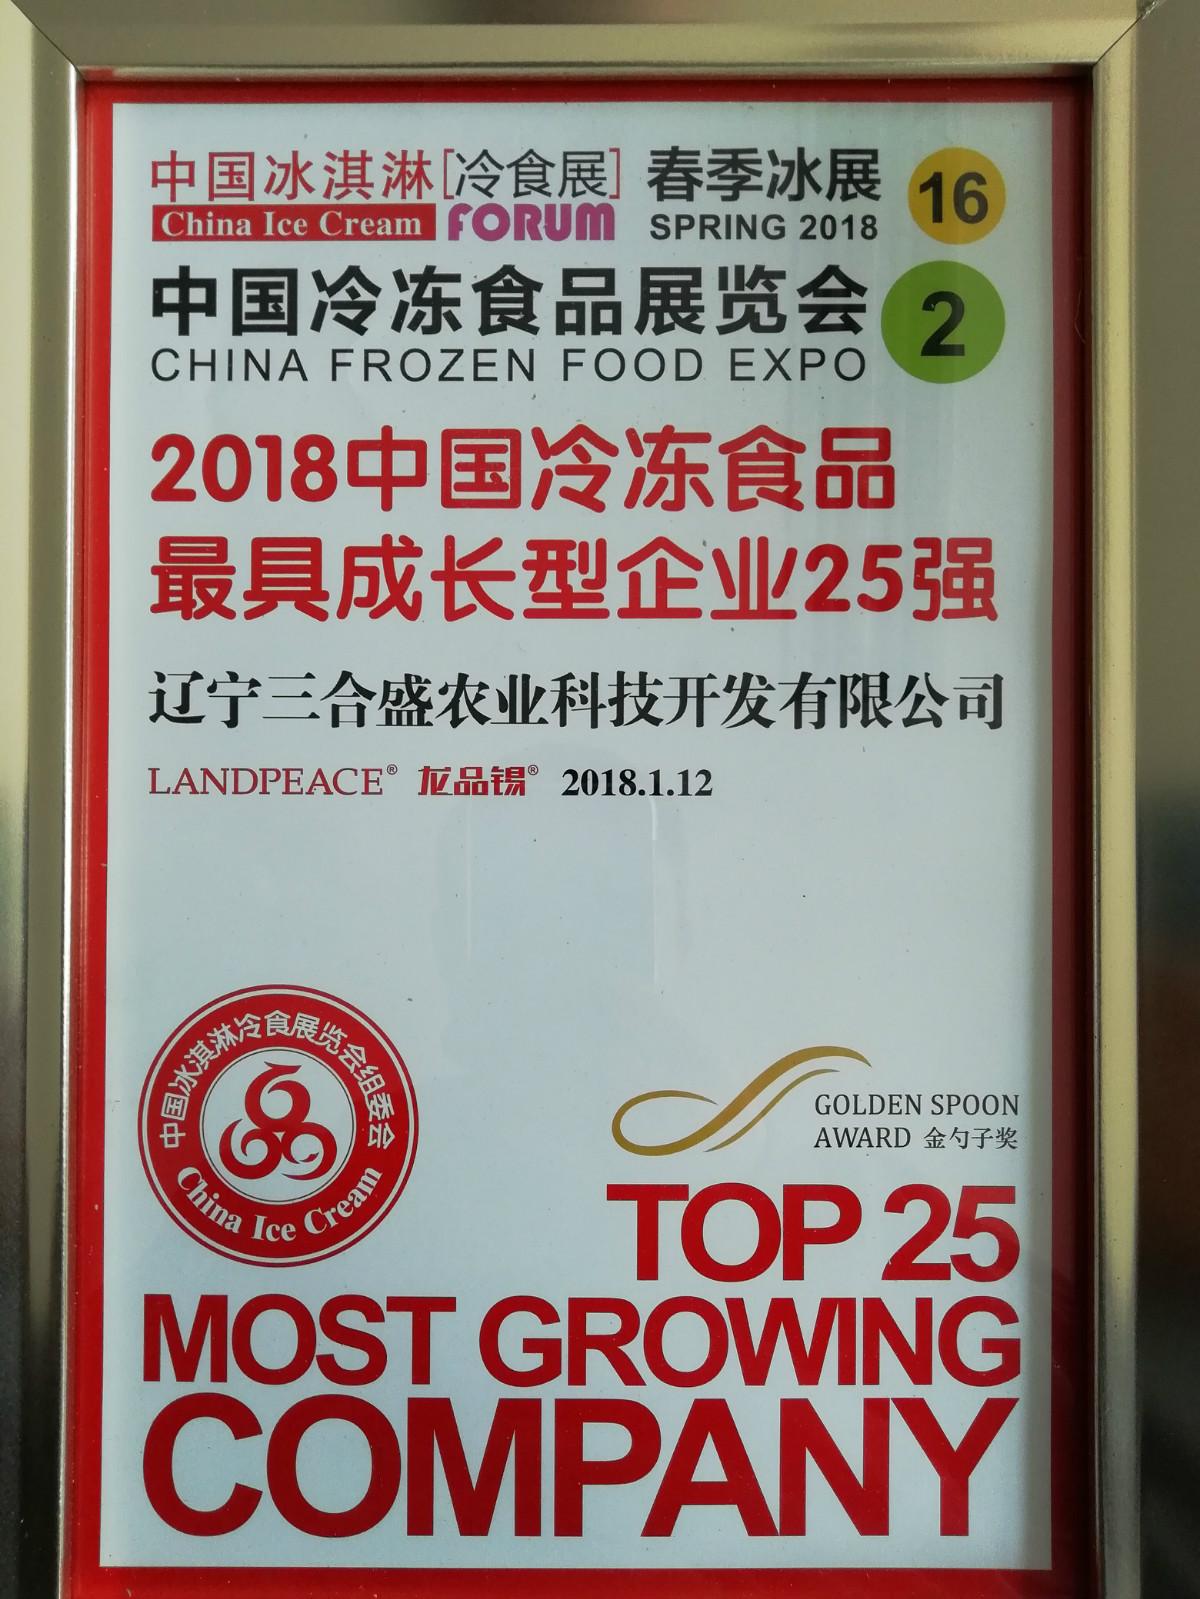 最具成長型企業25強